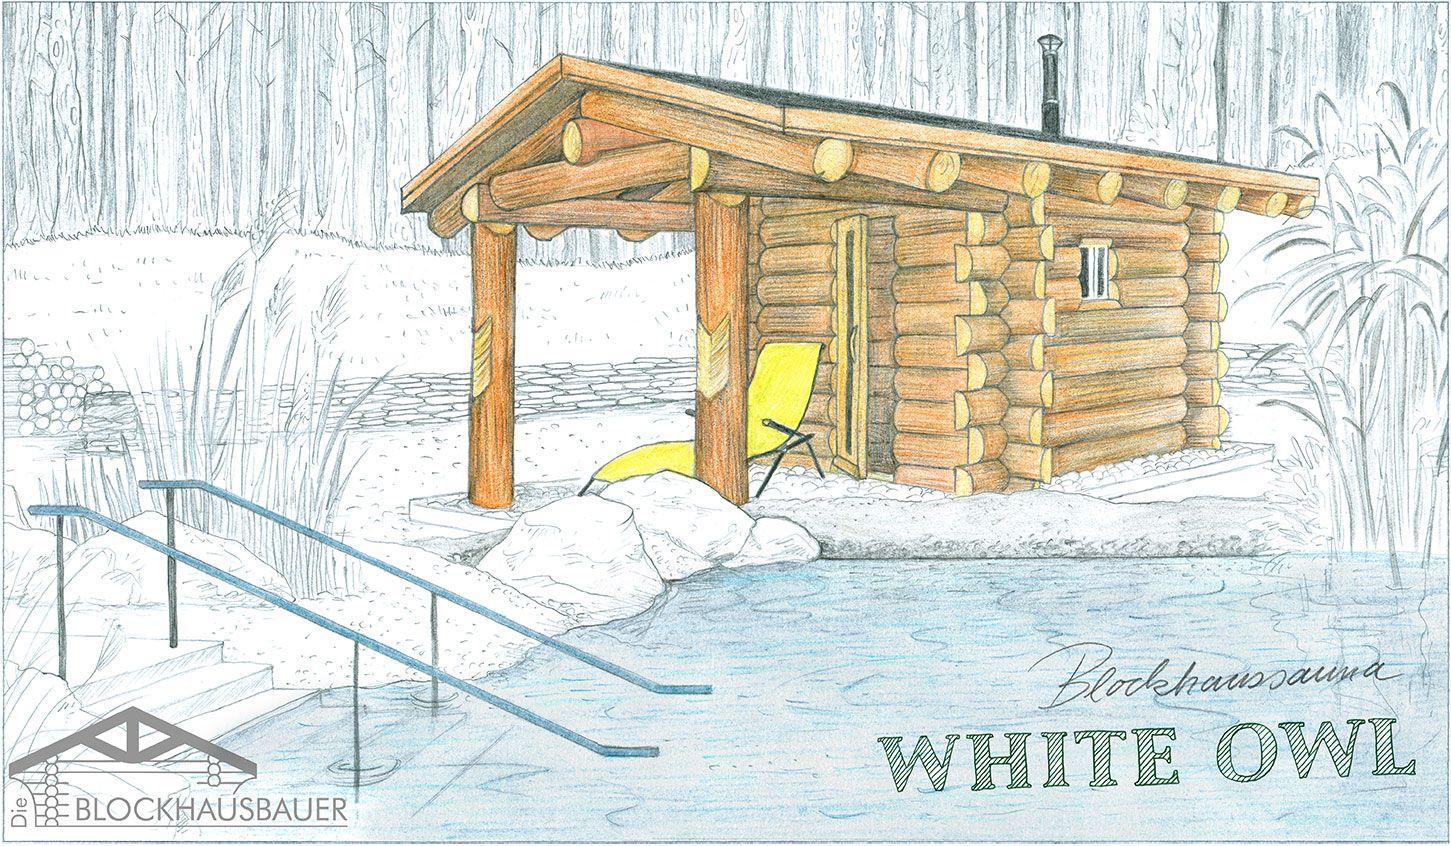 Gartensauna White Owl Zeichnung